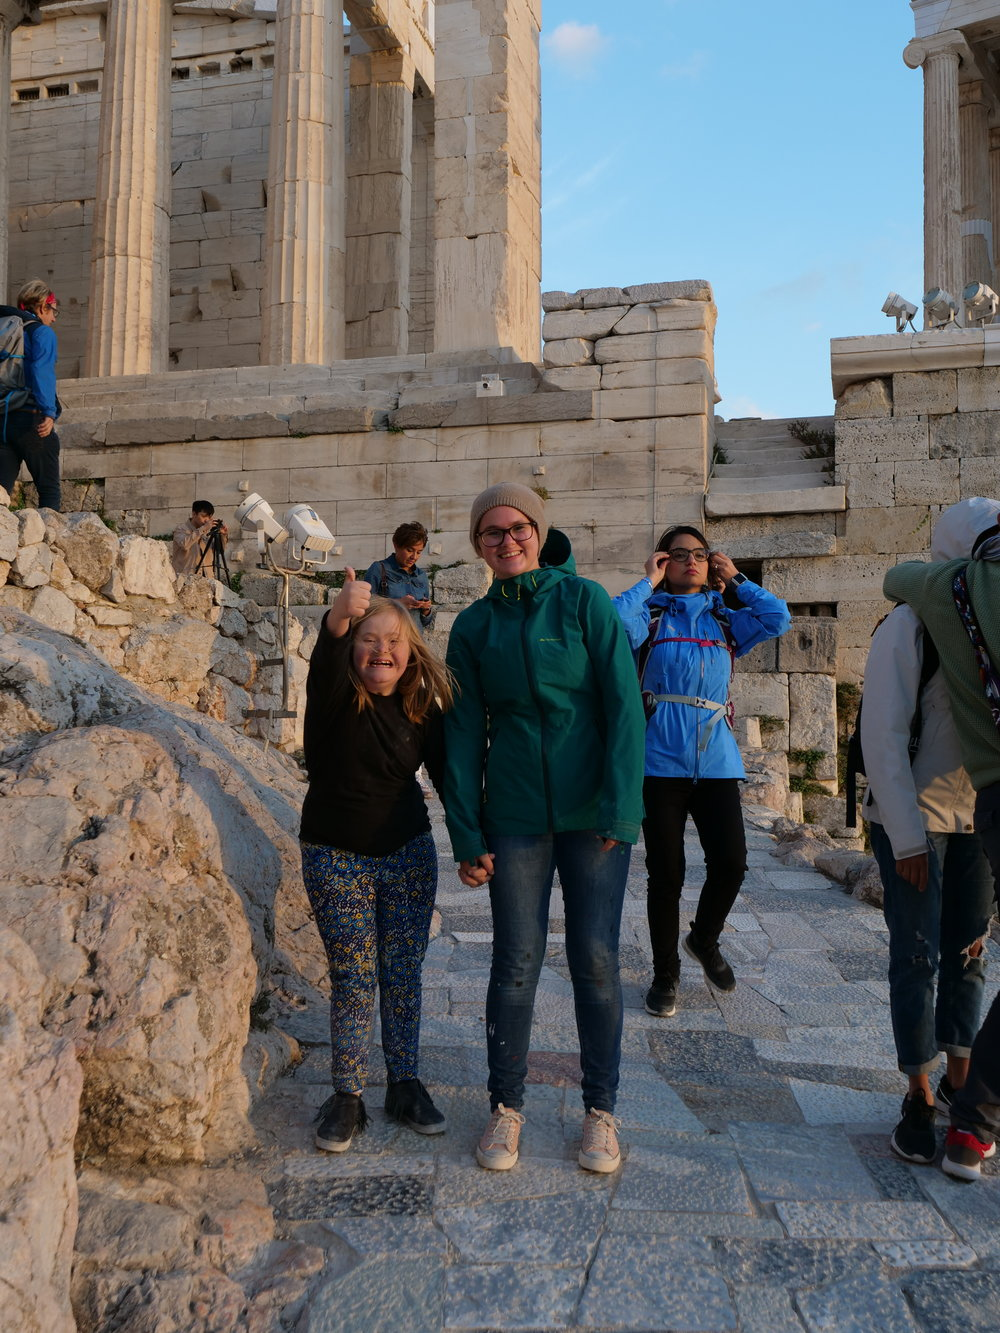 acropolis jaci lily.jpg